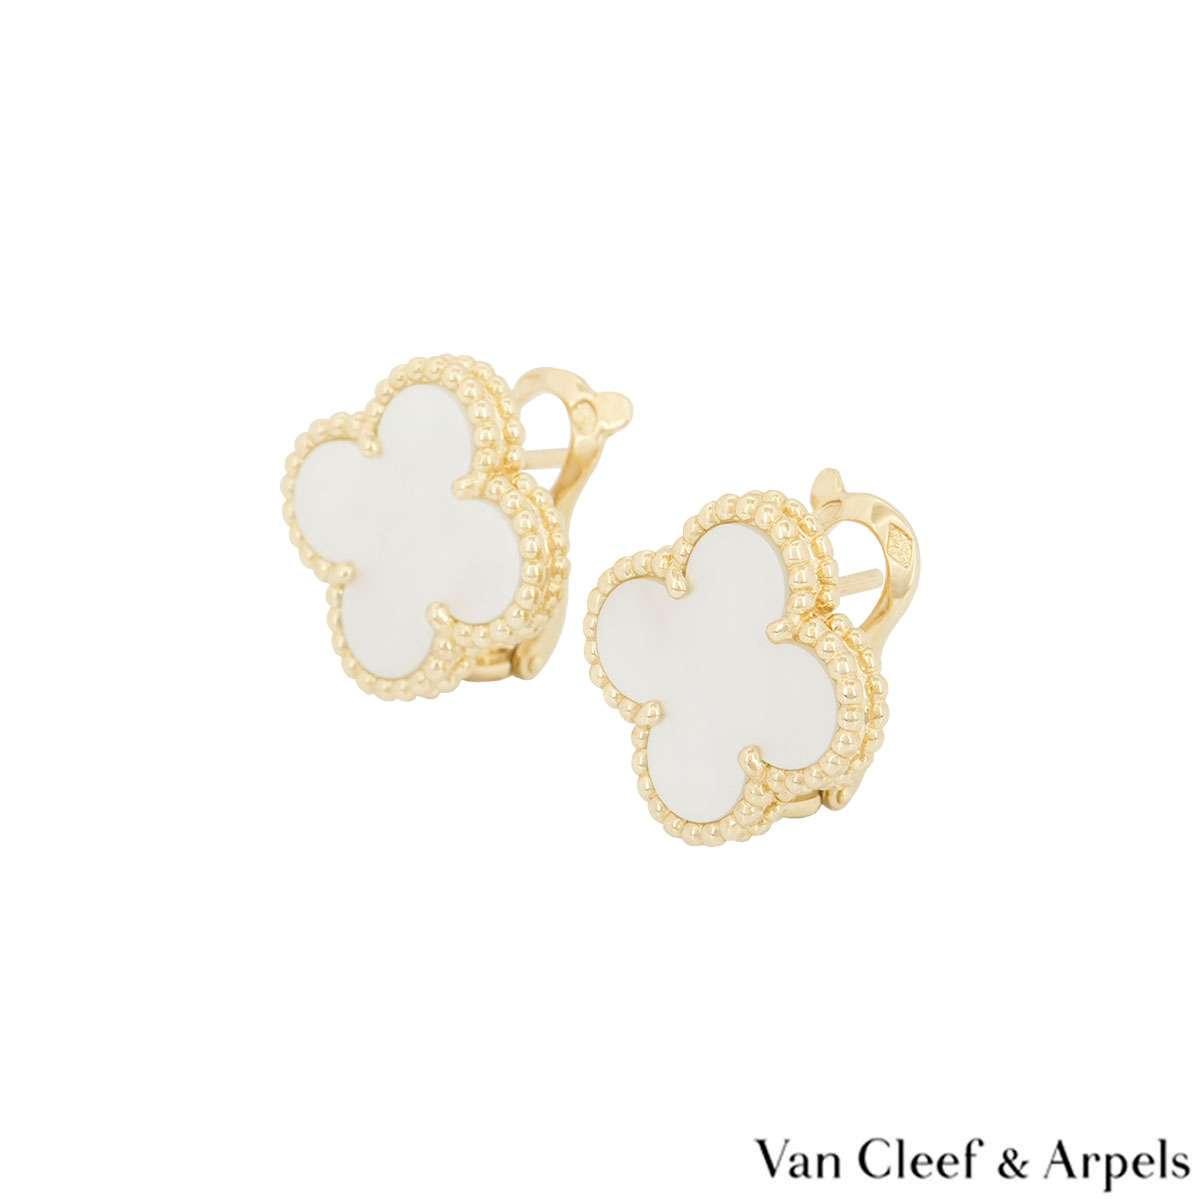 Van Cleef & Arpels VintageAlhambra Earrings